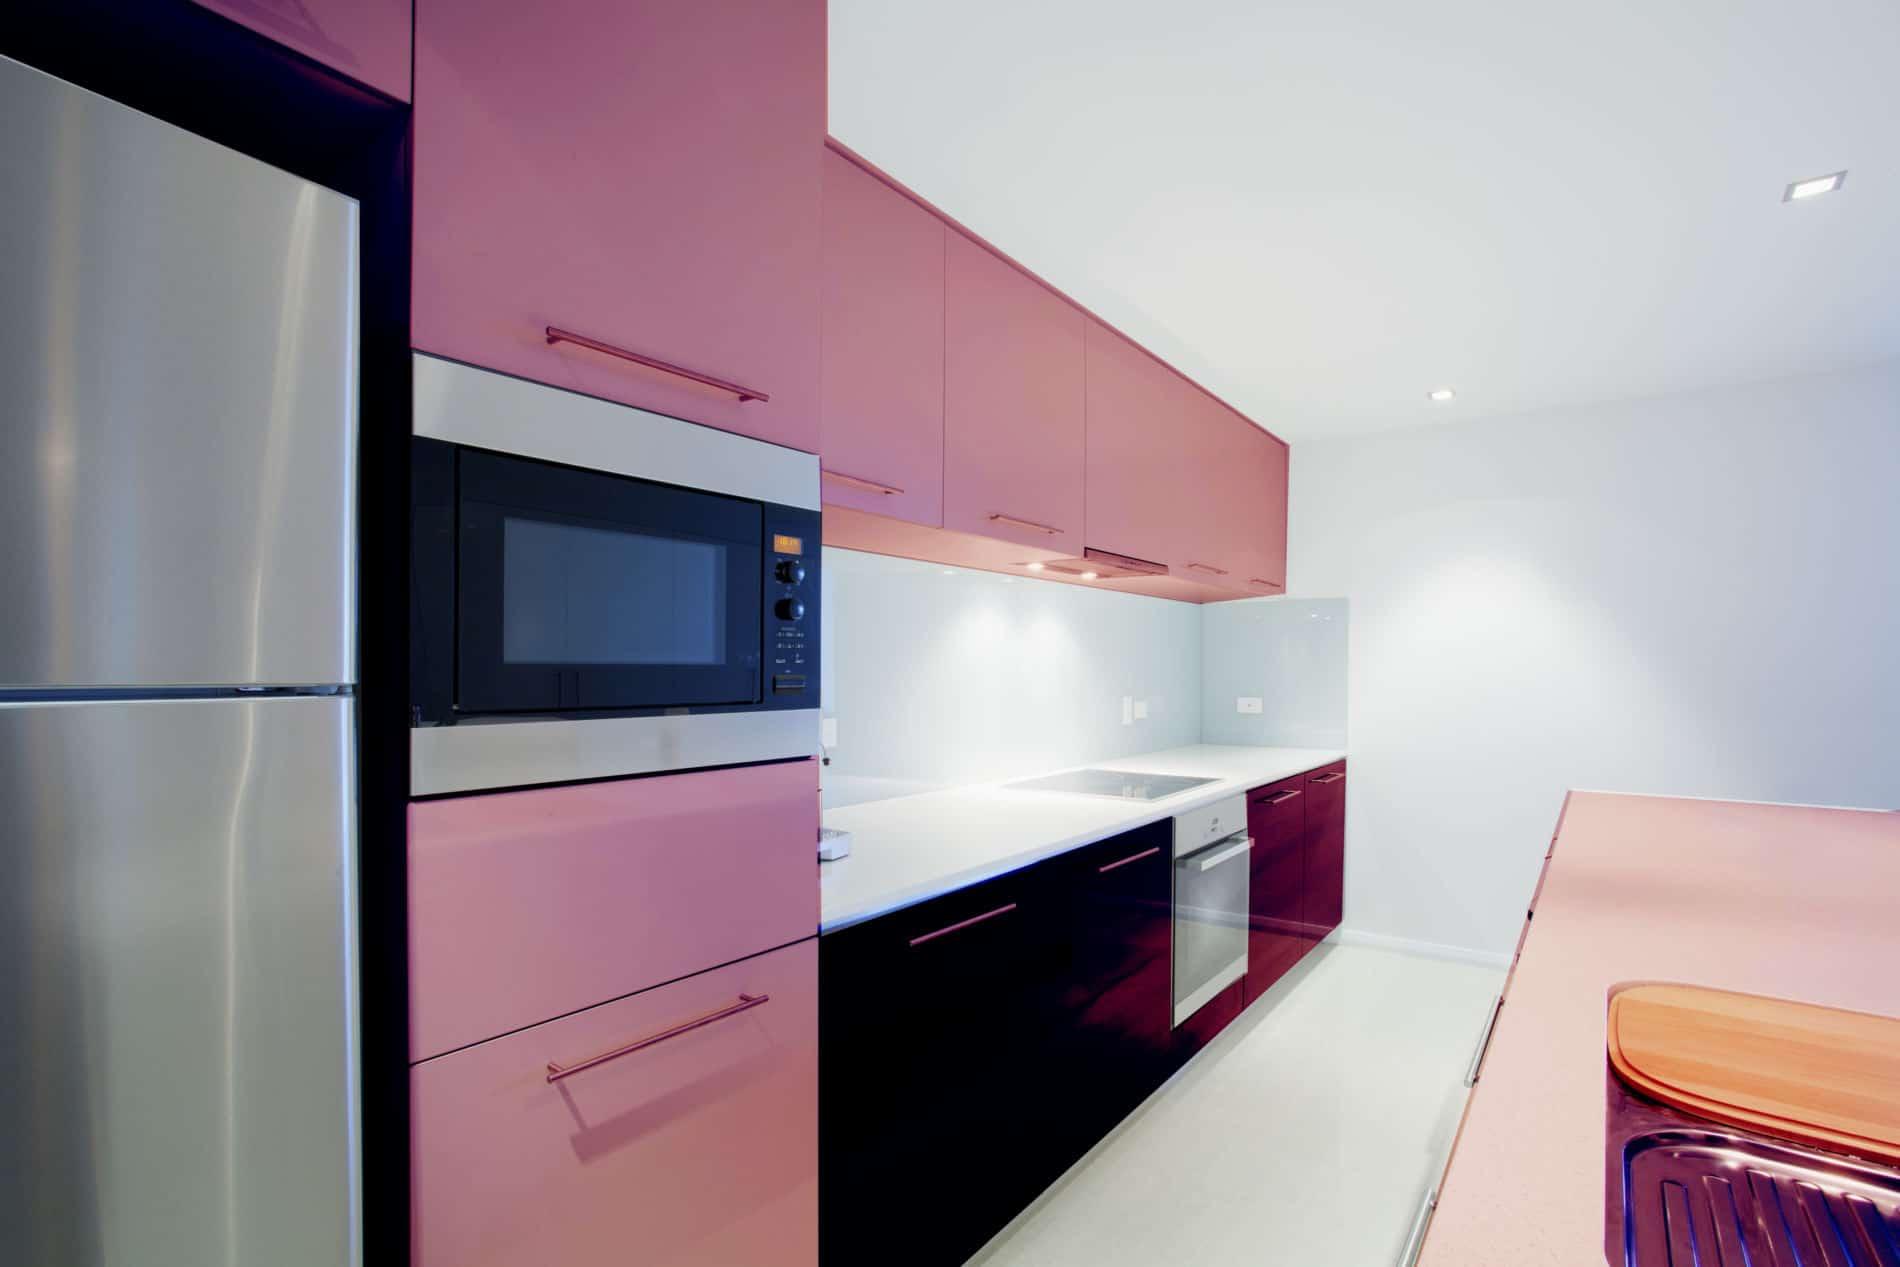 מטבחים מעץ חברות לעיצוב וייצור שיש למטבחים מבינים עם הרבה רצון לספק מטבחים איכותיים שיודעים לבנות ולהתאים מטבחים תוך כדי אפיון דרישות הלקוח ומסירת המטבח